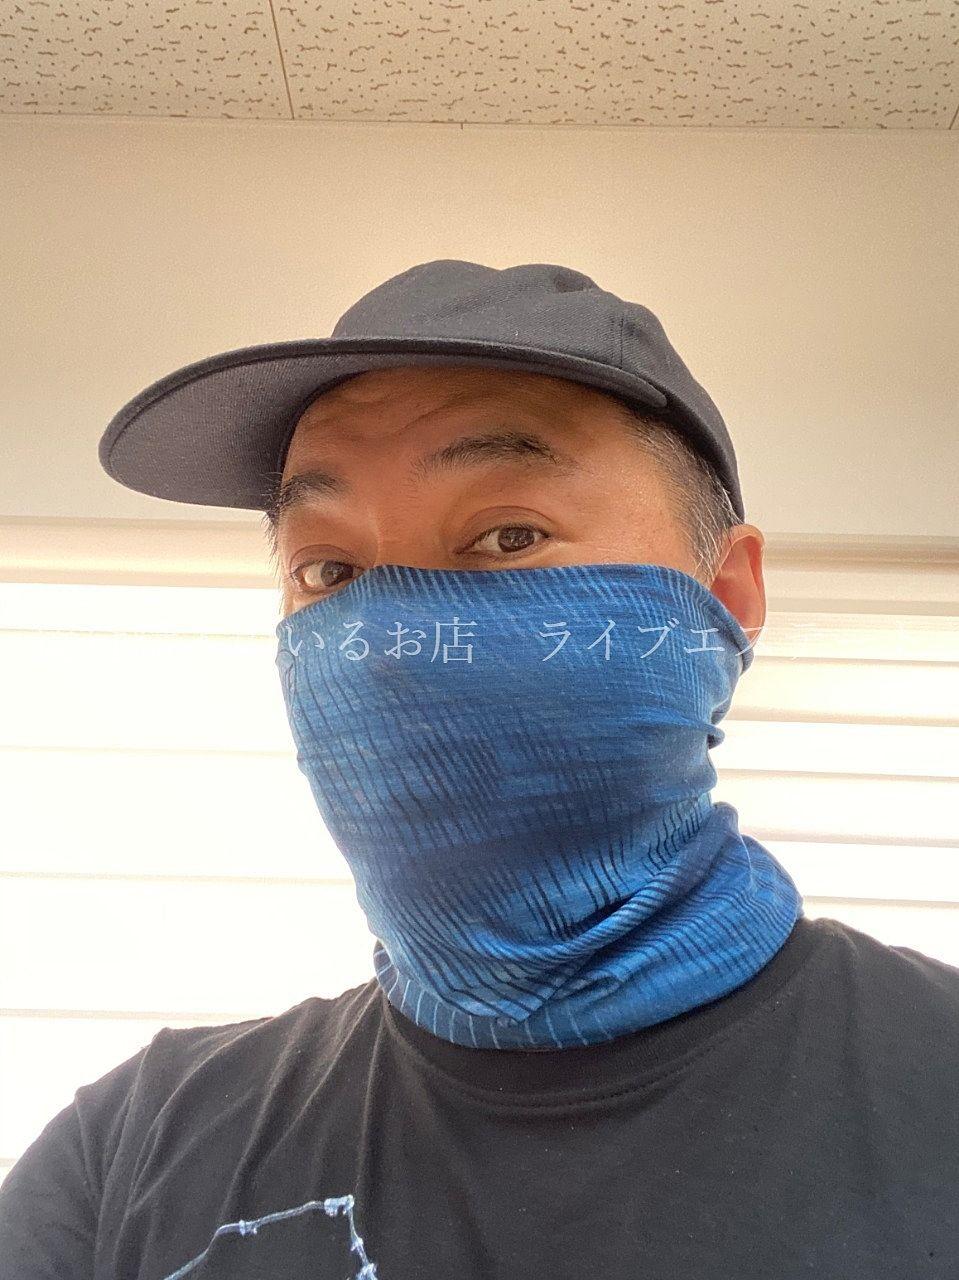 ジョギング時のマナーのためにBUFFを買いました。